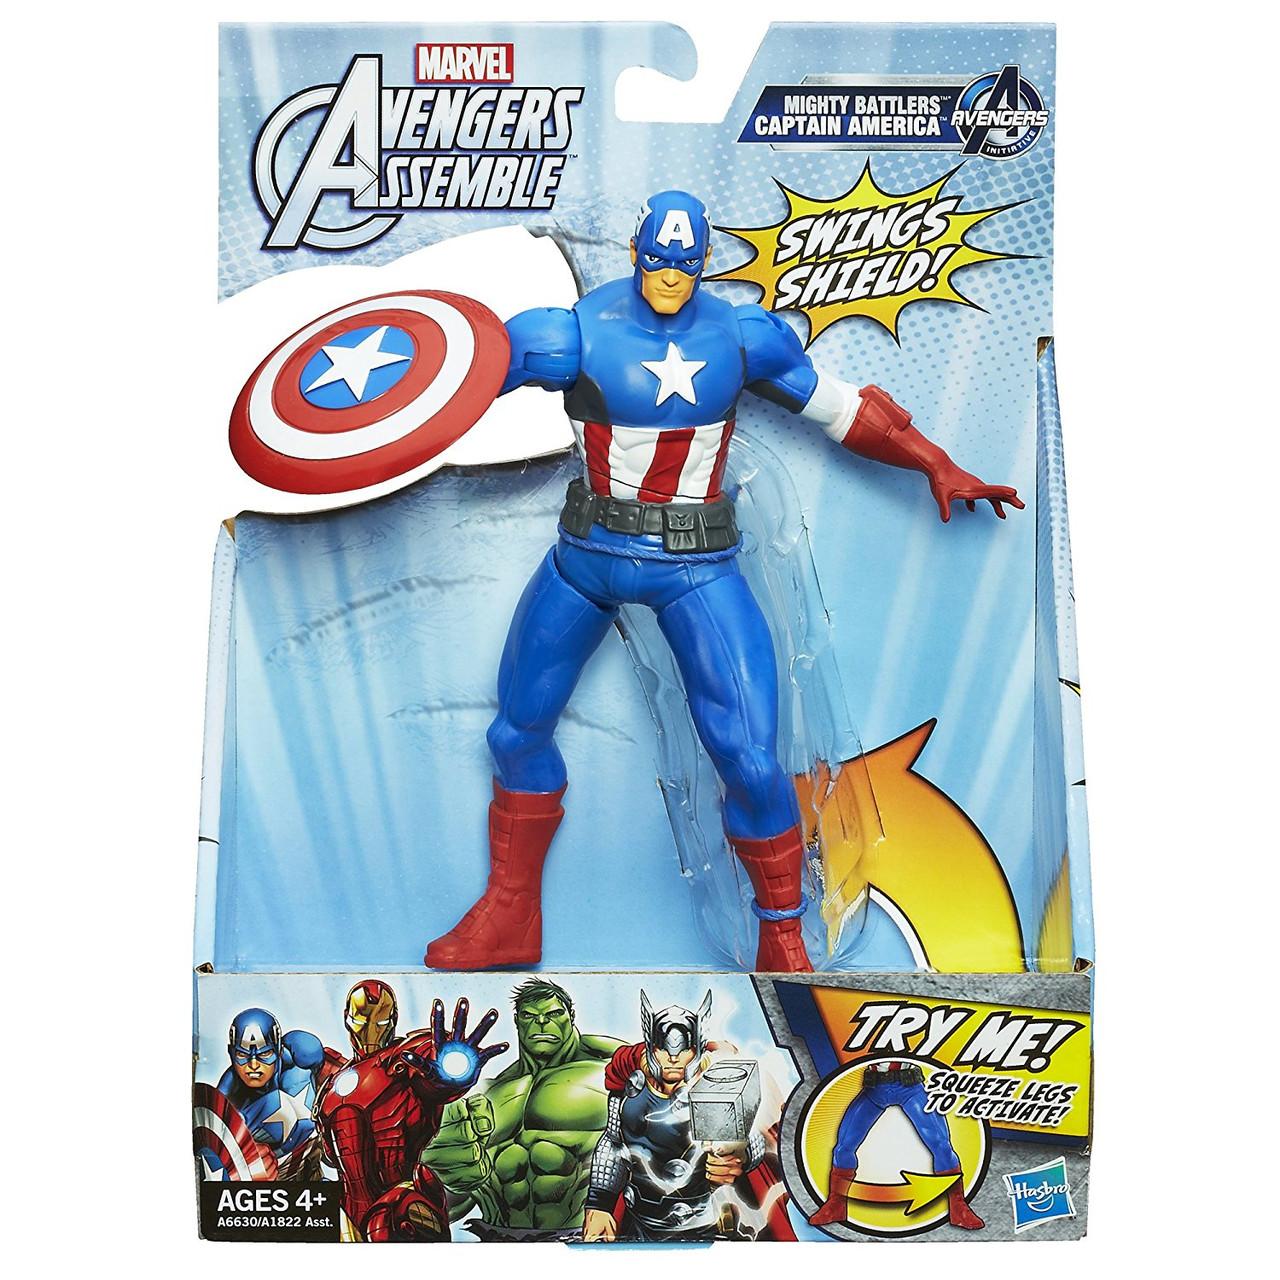 Фигурка Капитан Америка с боевым щитом 15СМ - Captain America, Avengers, Assemble, Squeeze Legs, Hasbro